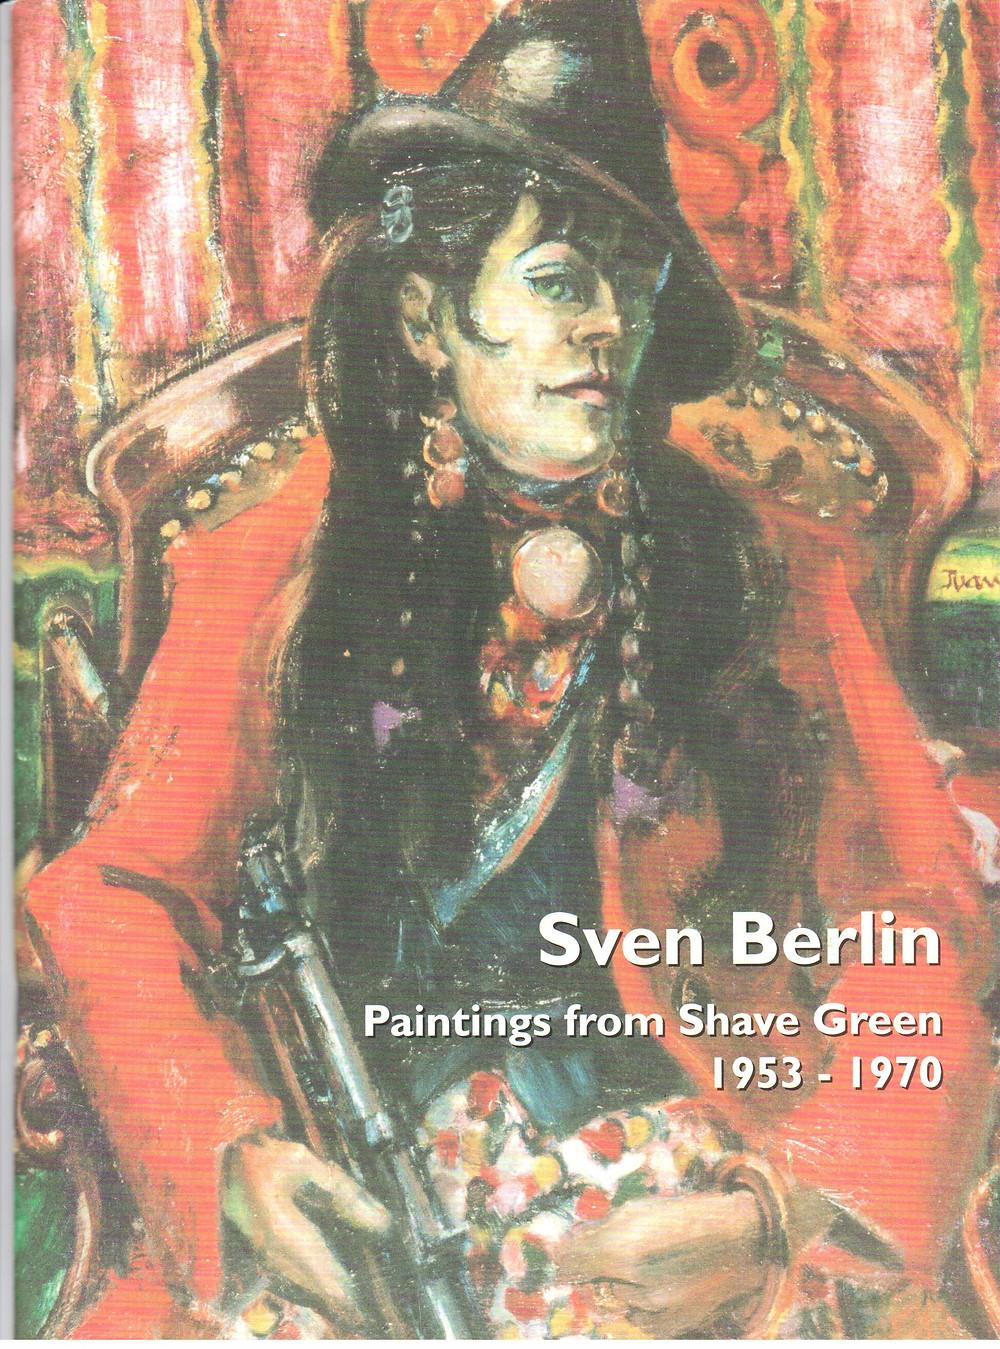 Juanita as Sven Berlin's 'Girl with a Gun'.